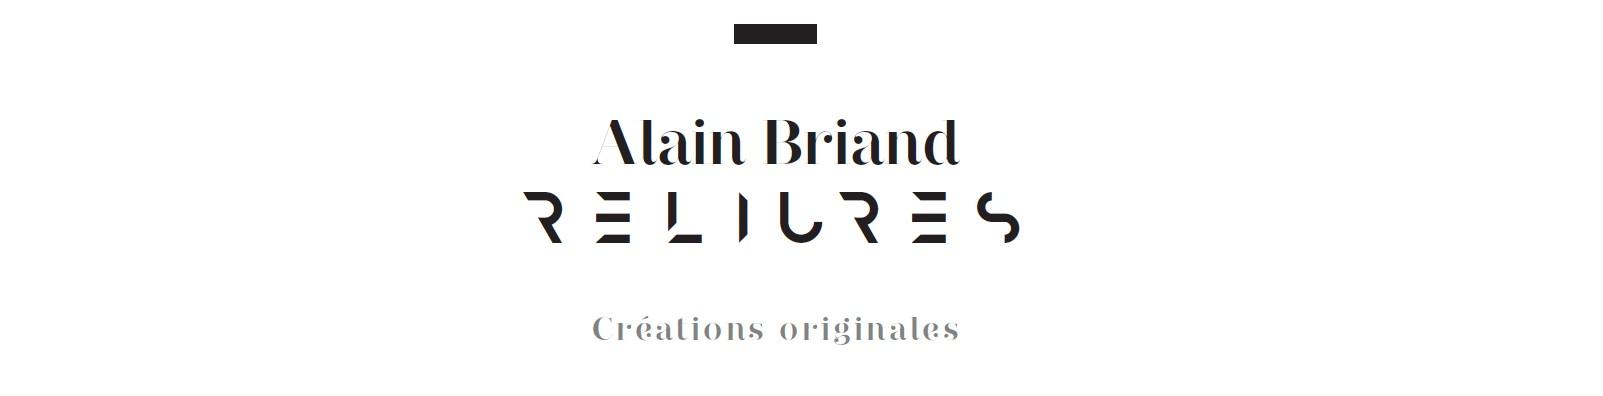 Relieur-doreur, Atelier, Tours